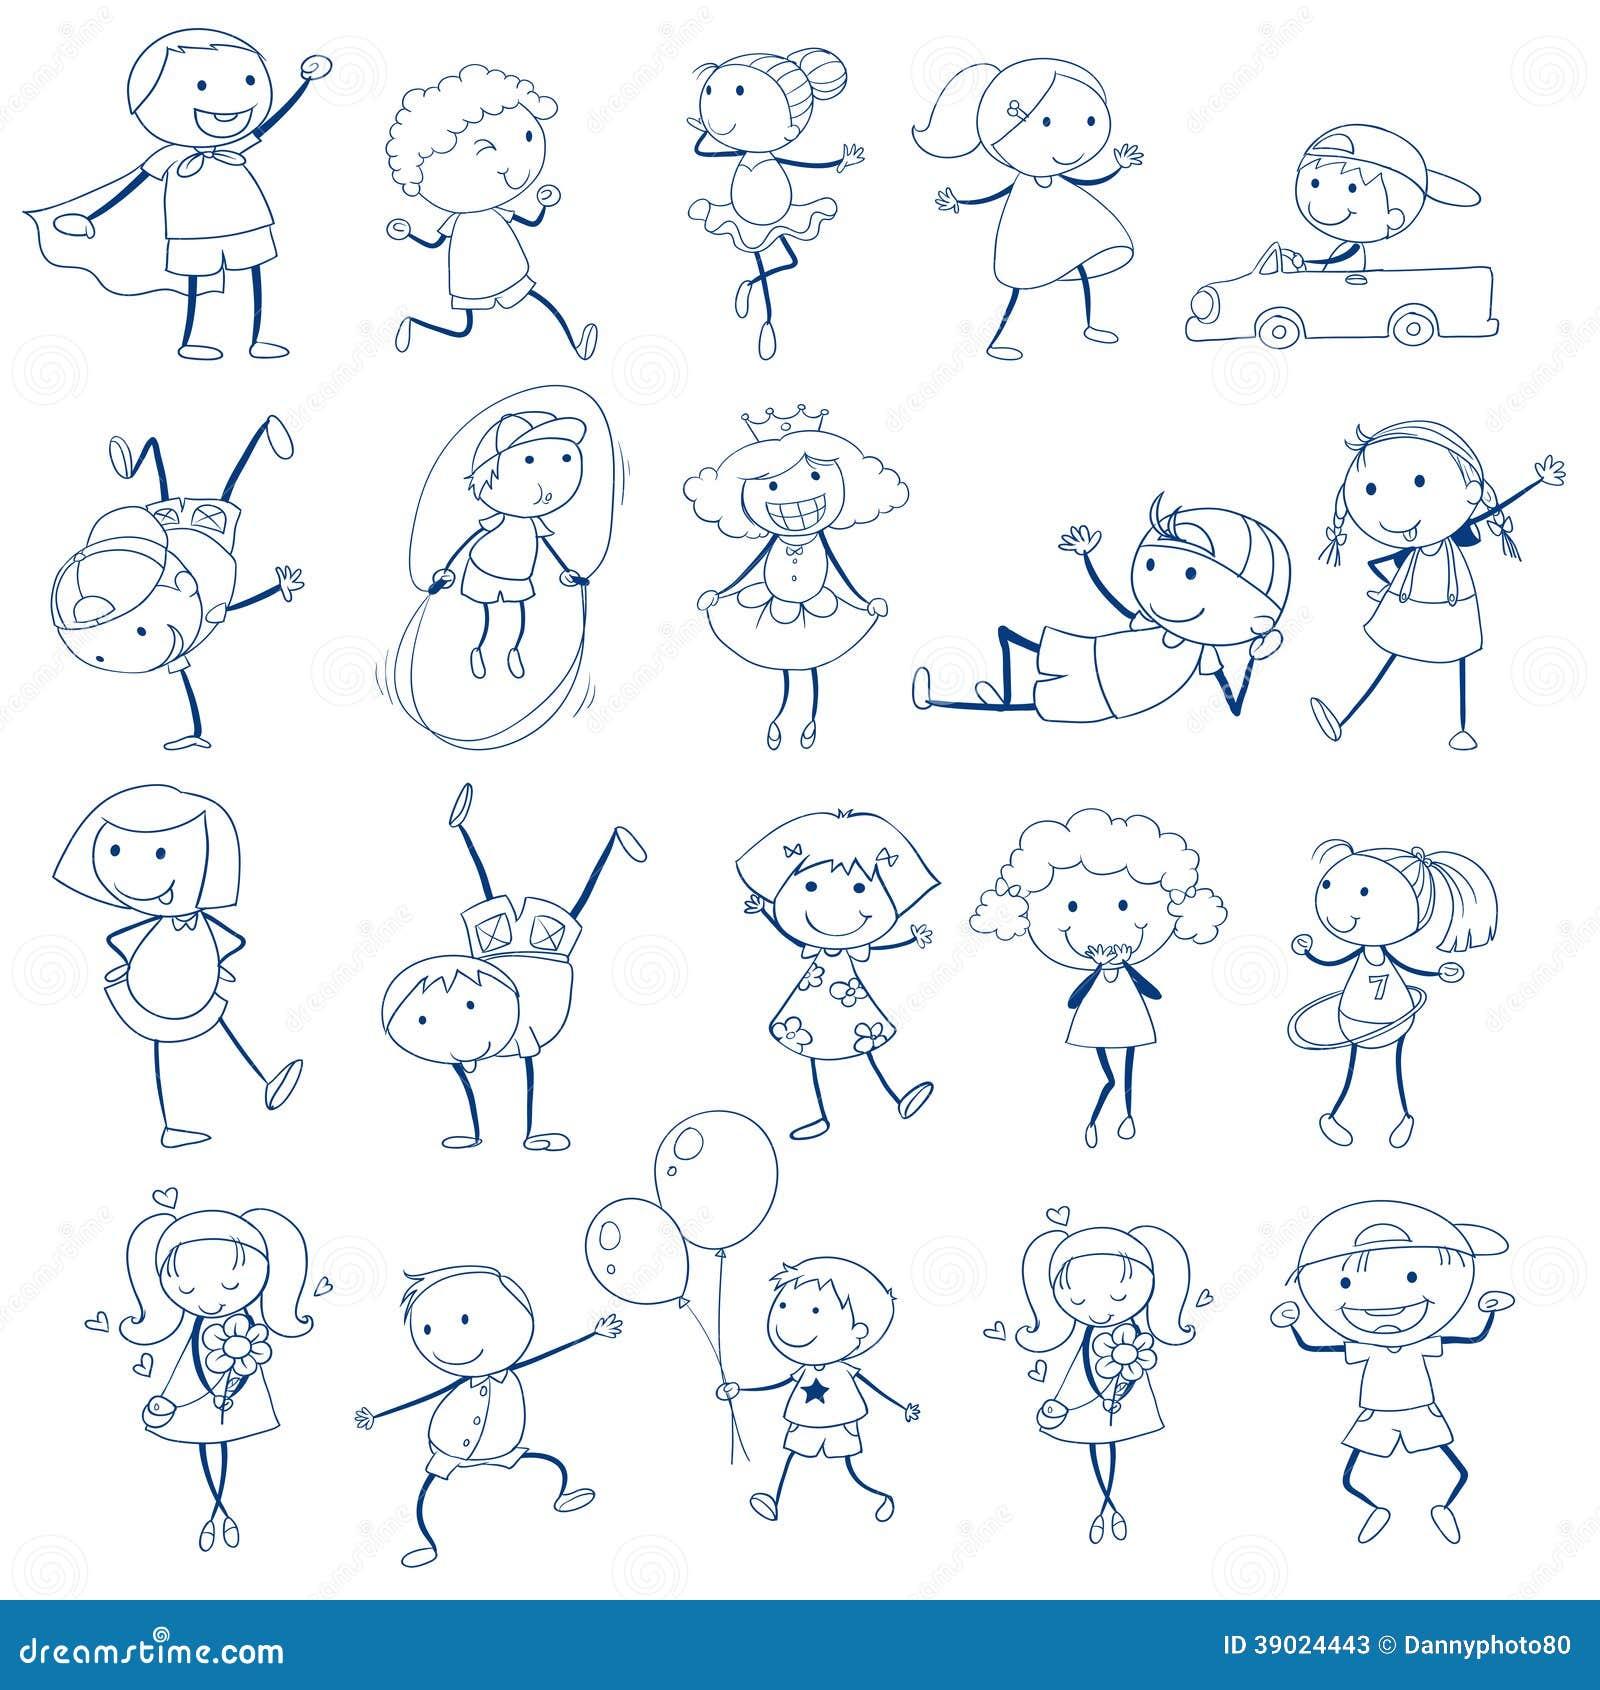 background illustration kids playing sketch - Sketch Images For Kids